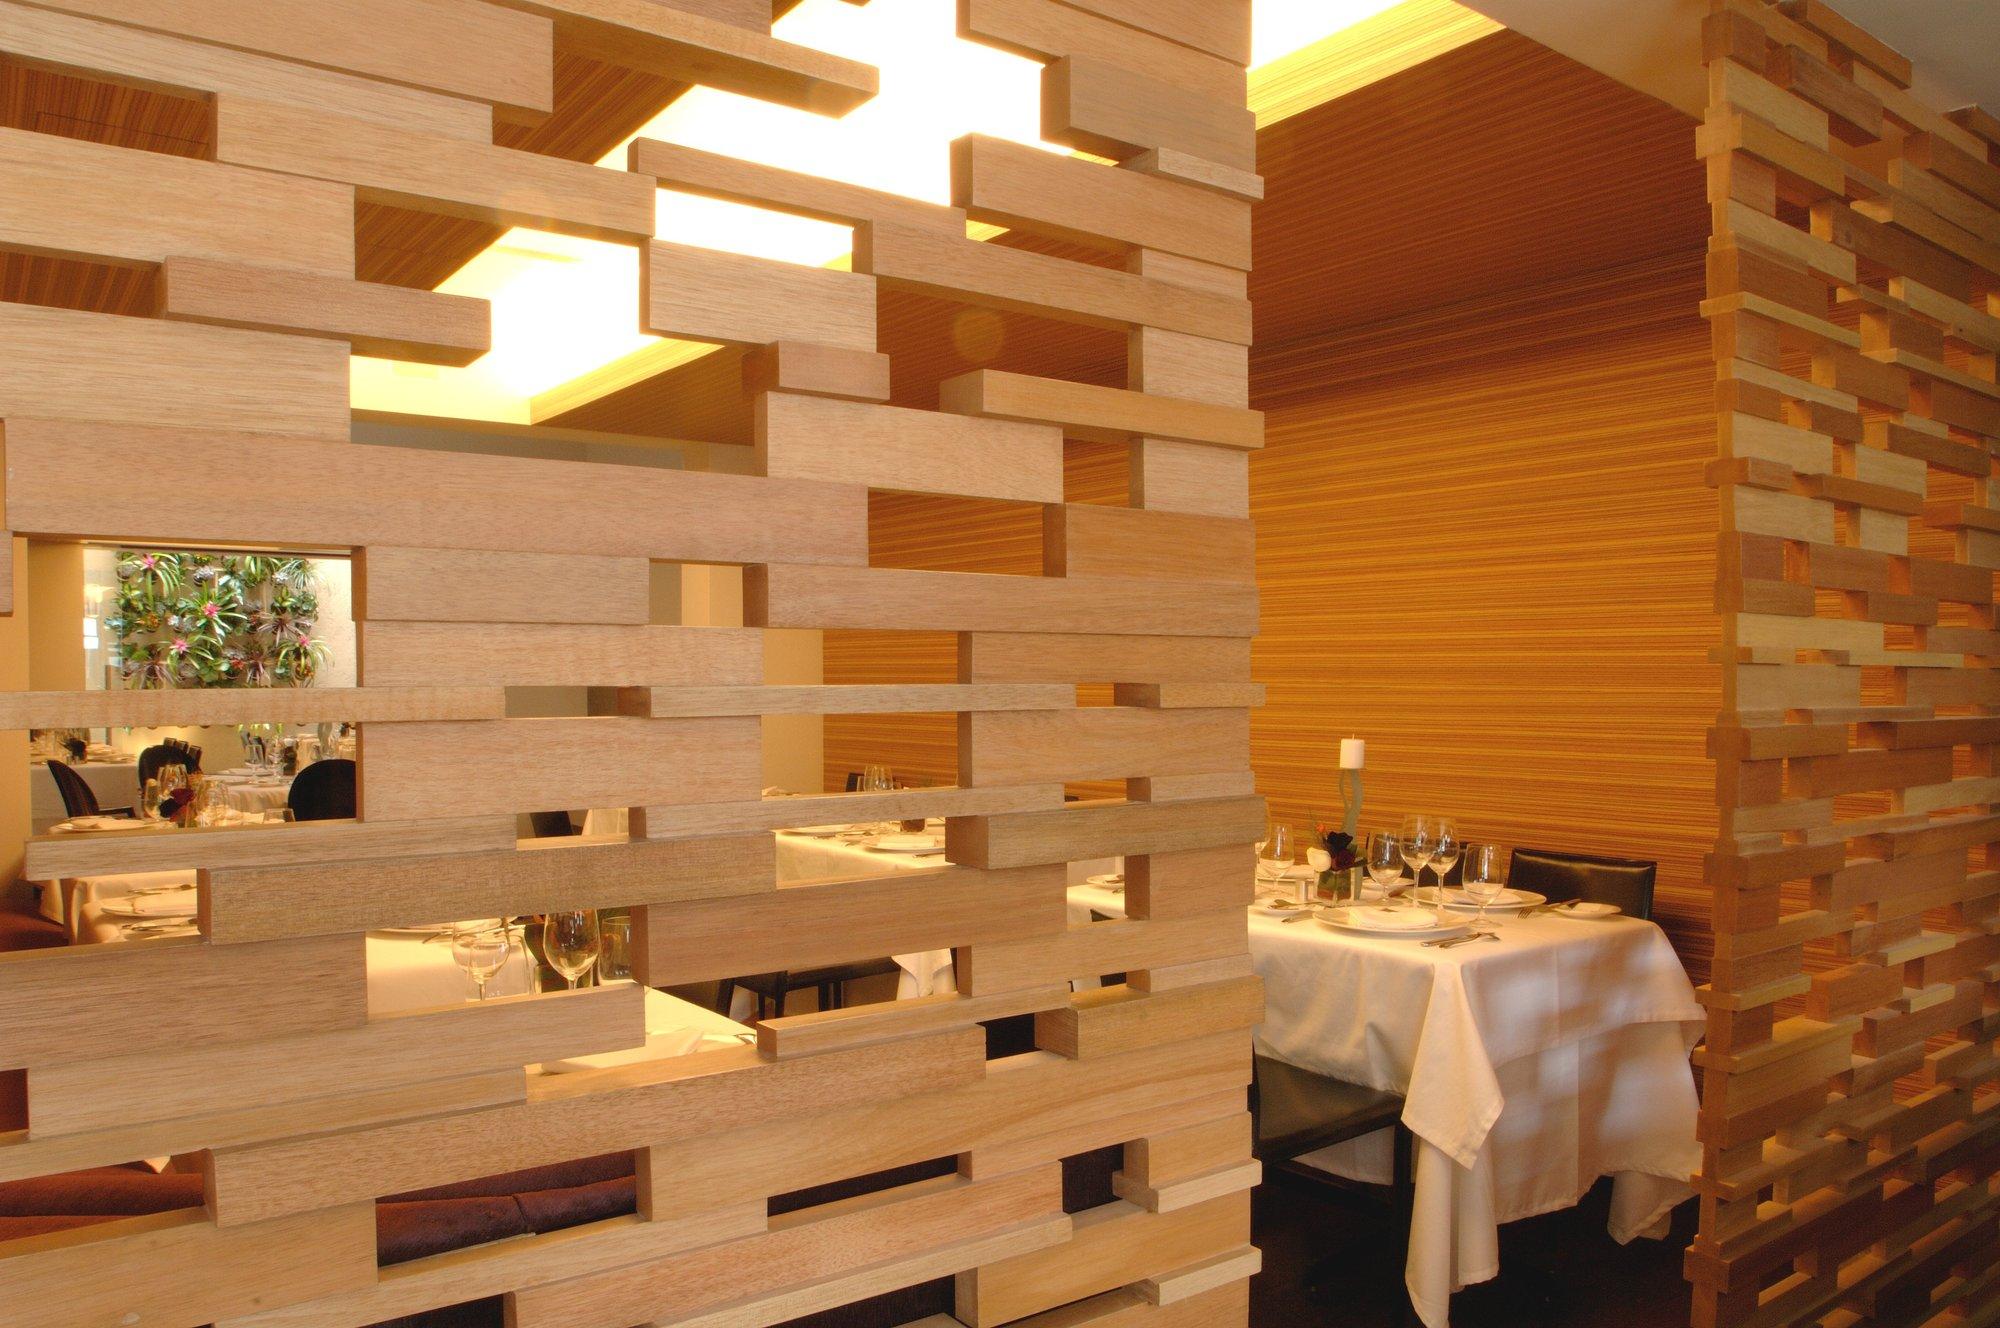 Galer A De Restaurante Jaso Serrano Monjaraz Arquitectos 2